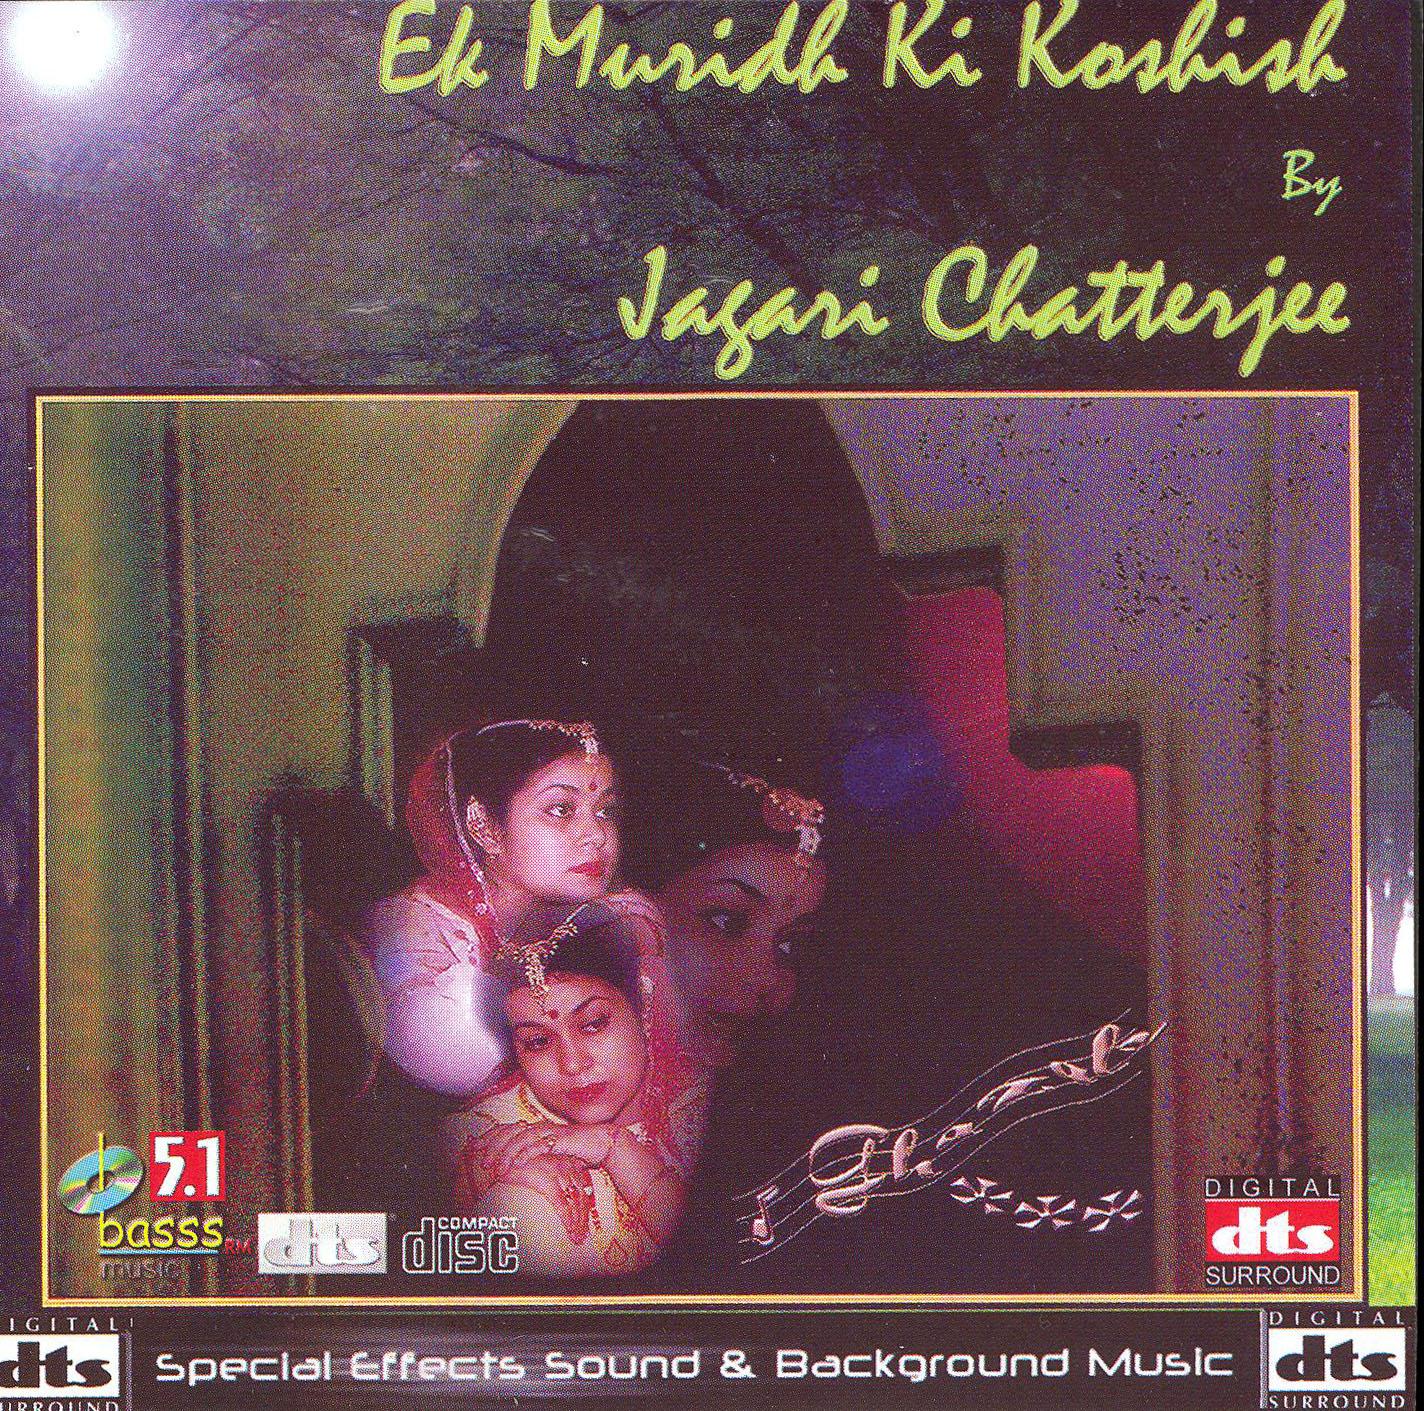 Jagari Chatterjee: Ek Muridh Ki Koshish